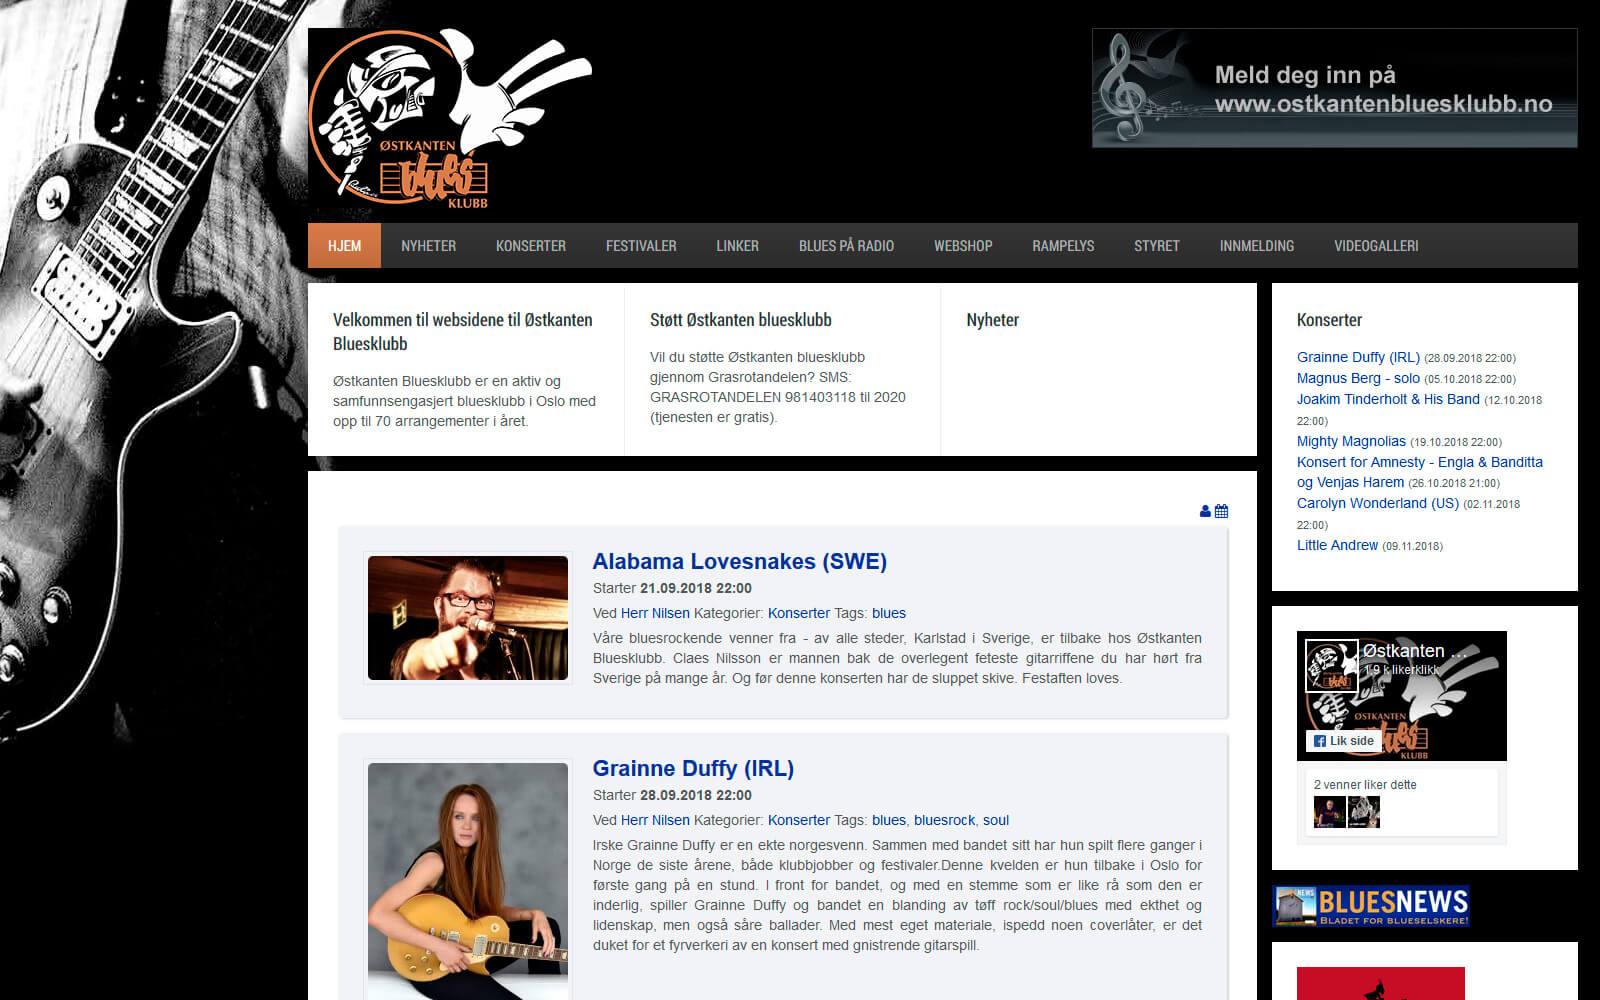 Østkanten Bluesklubb webside